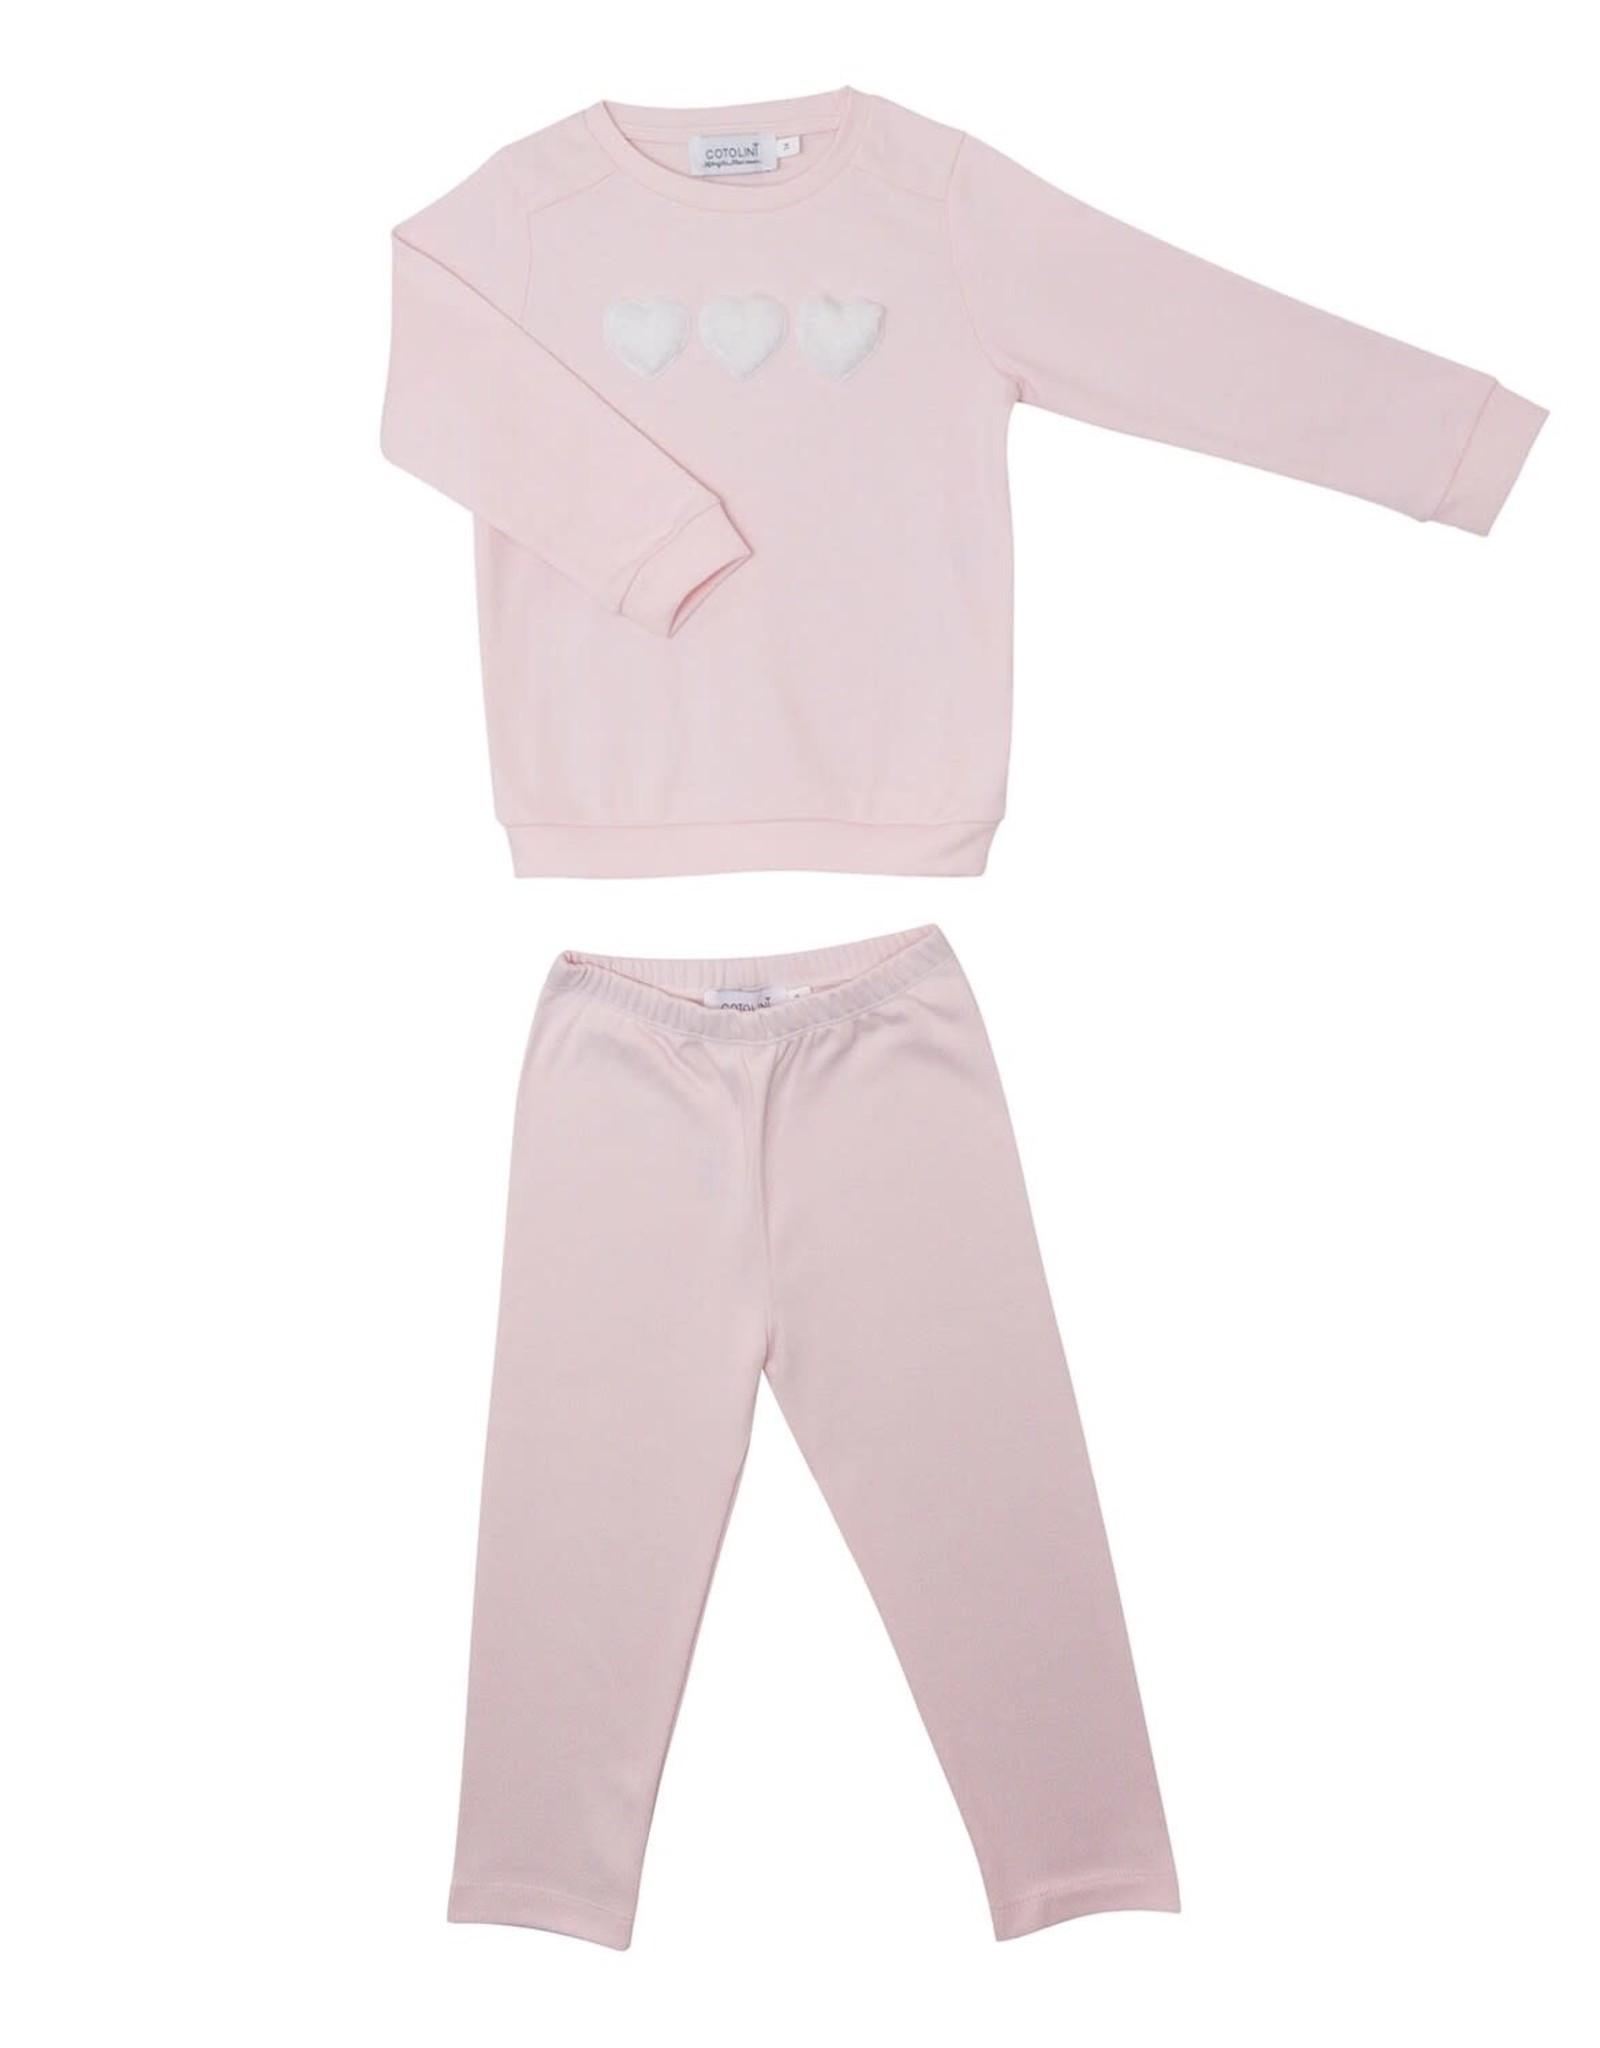 COTOLINI Pyjama fille sweatshirt rose